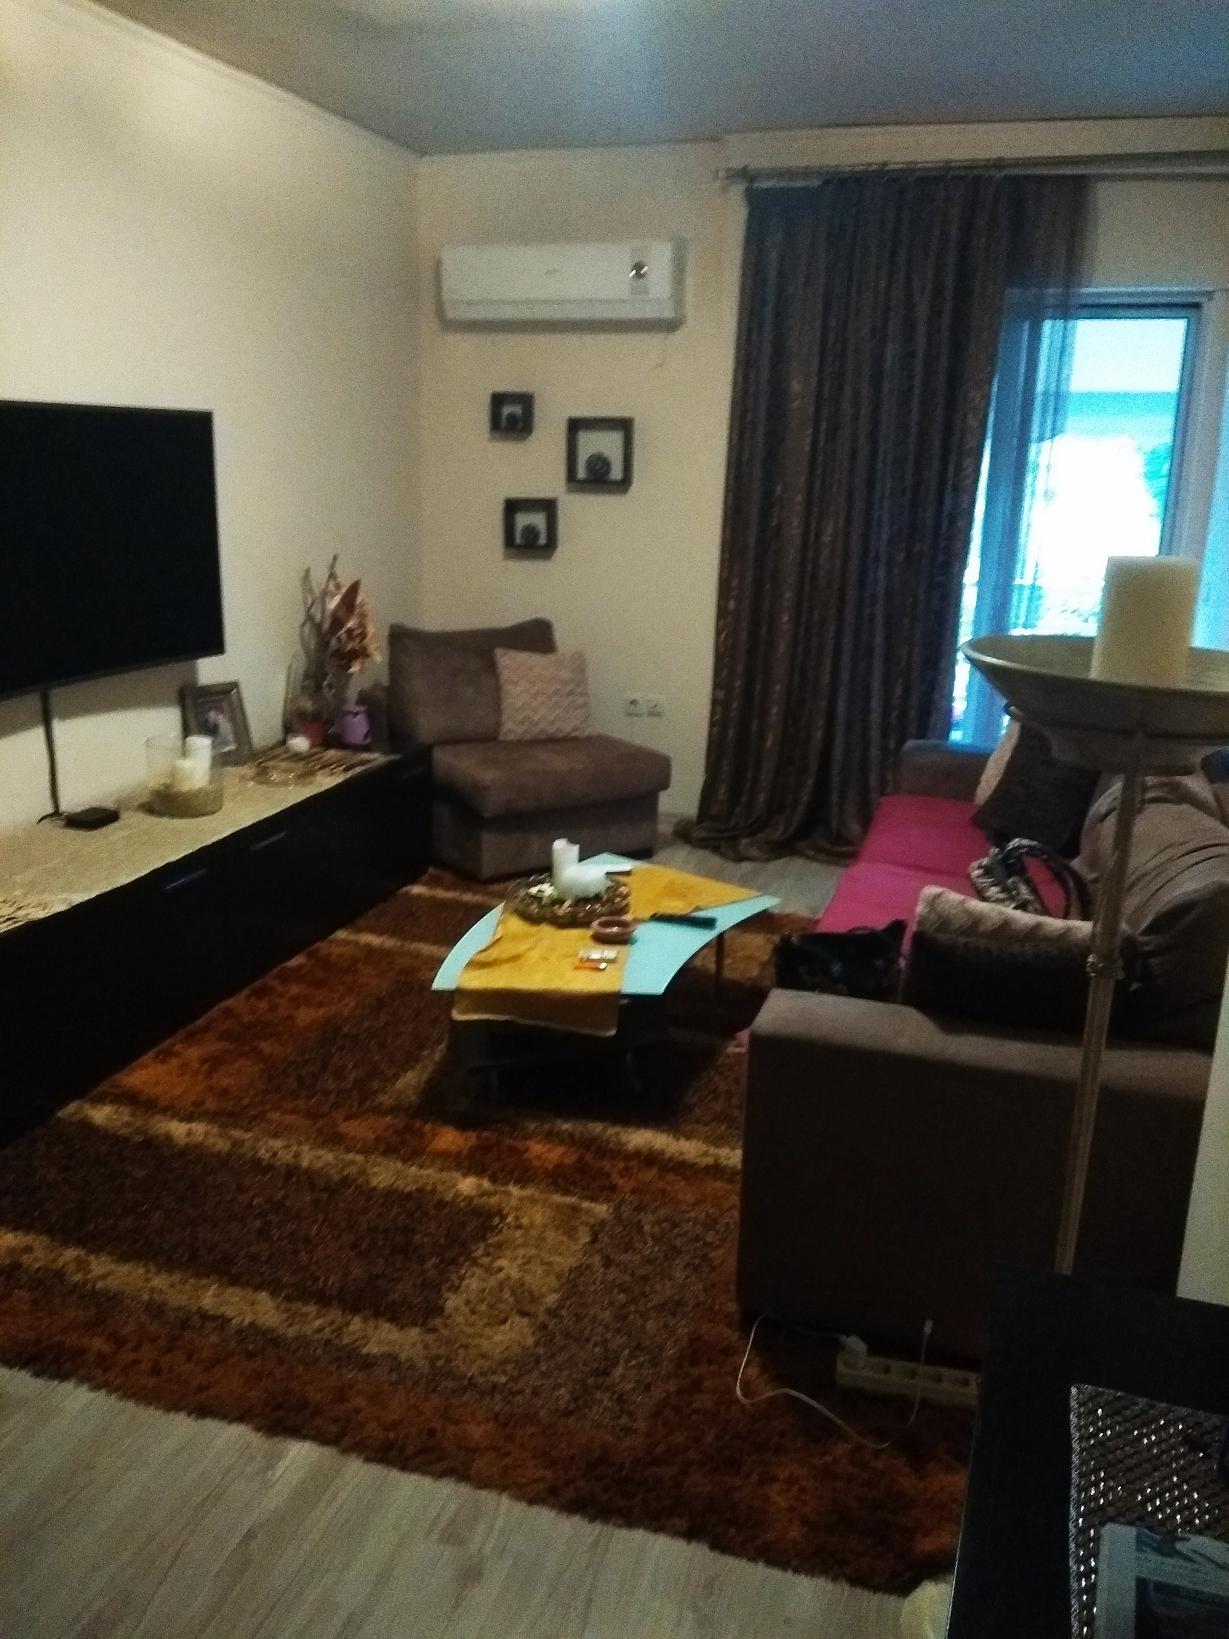 Ανακαινισμένο διαμέρισμα με (2) υπ/τια στη πόλη της Ρόδου, APS-03648